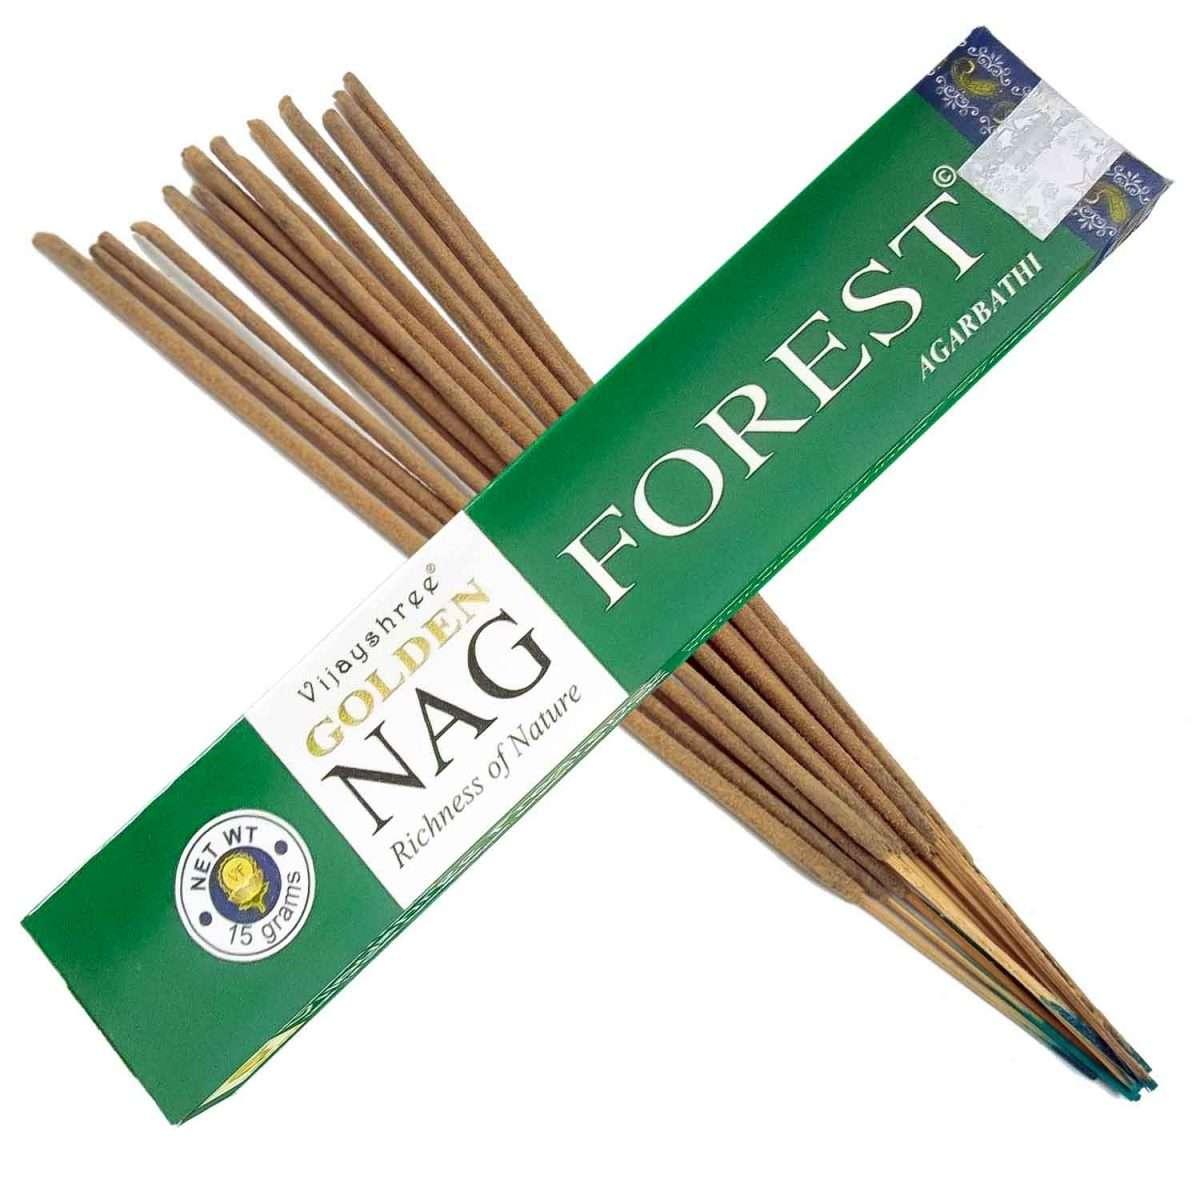 Golden Nag Forest Incienso 15g